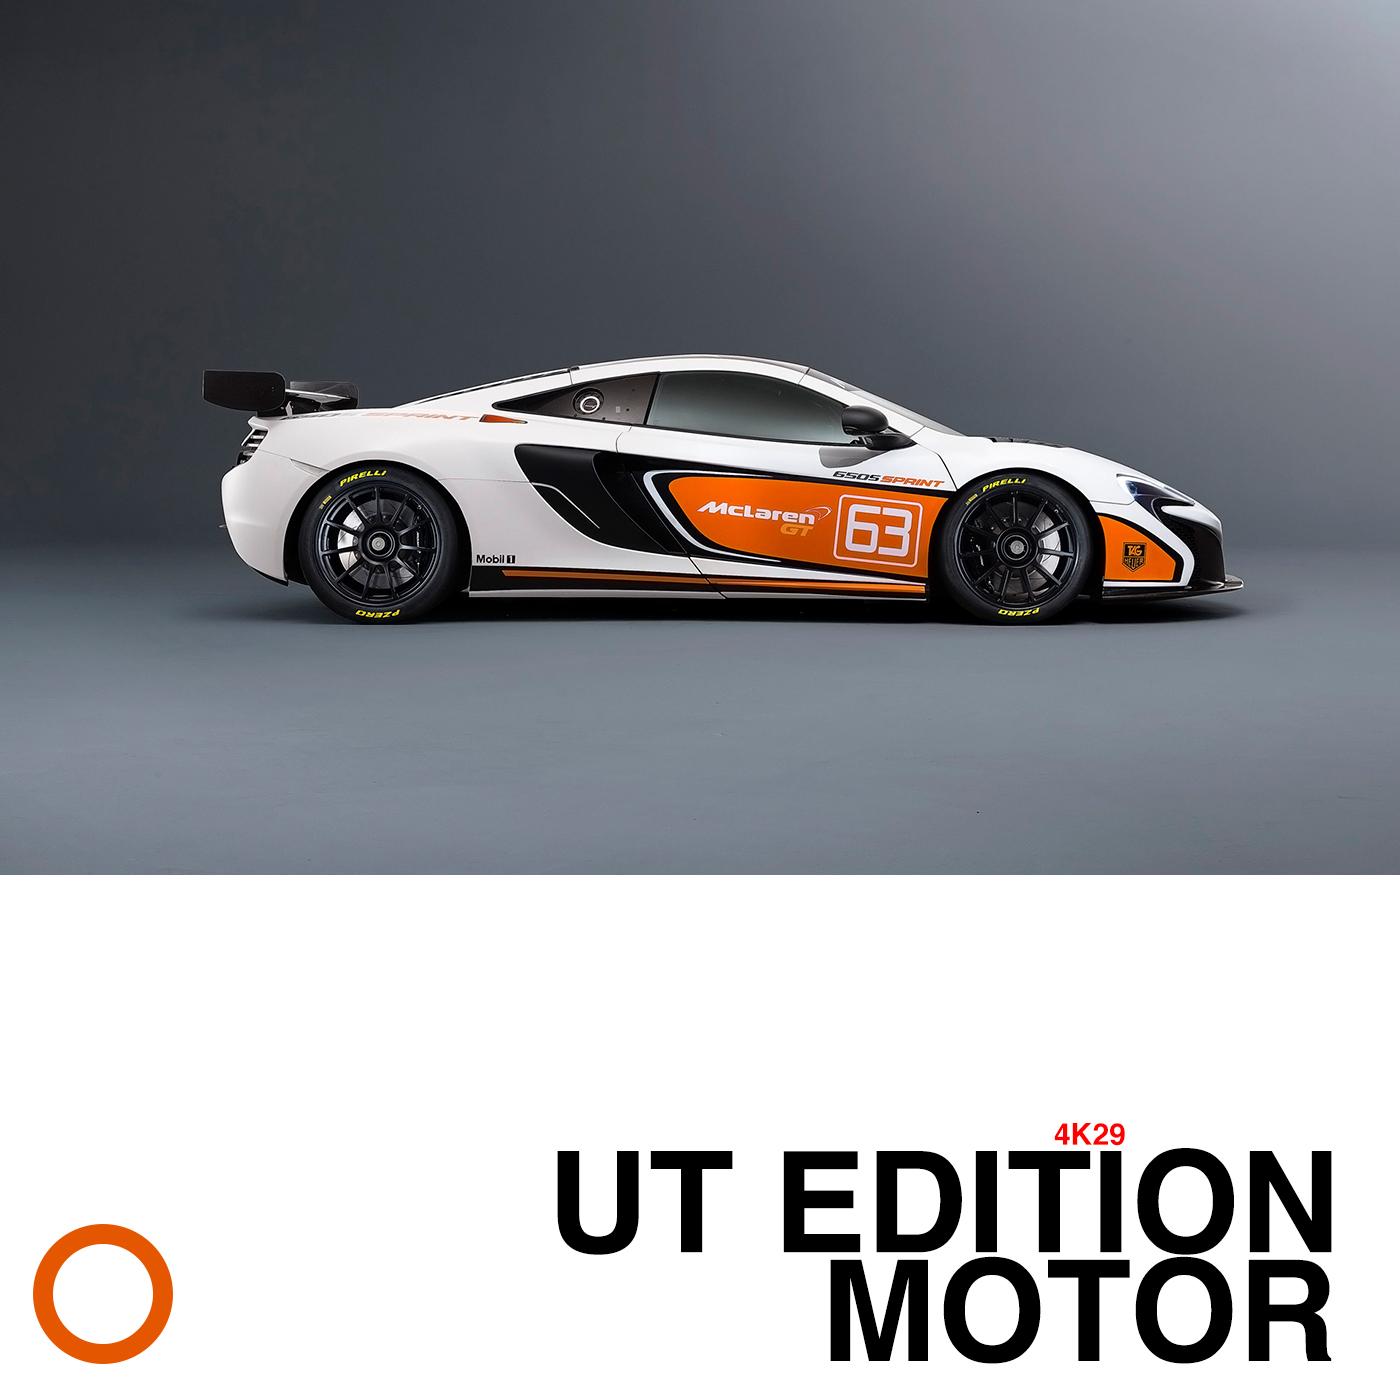 UT EDITION MOTOR 4K29